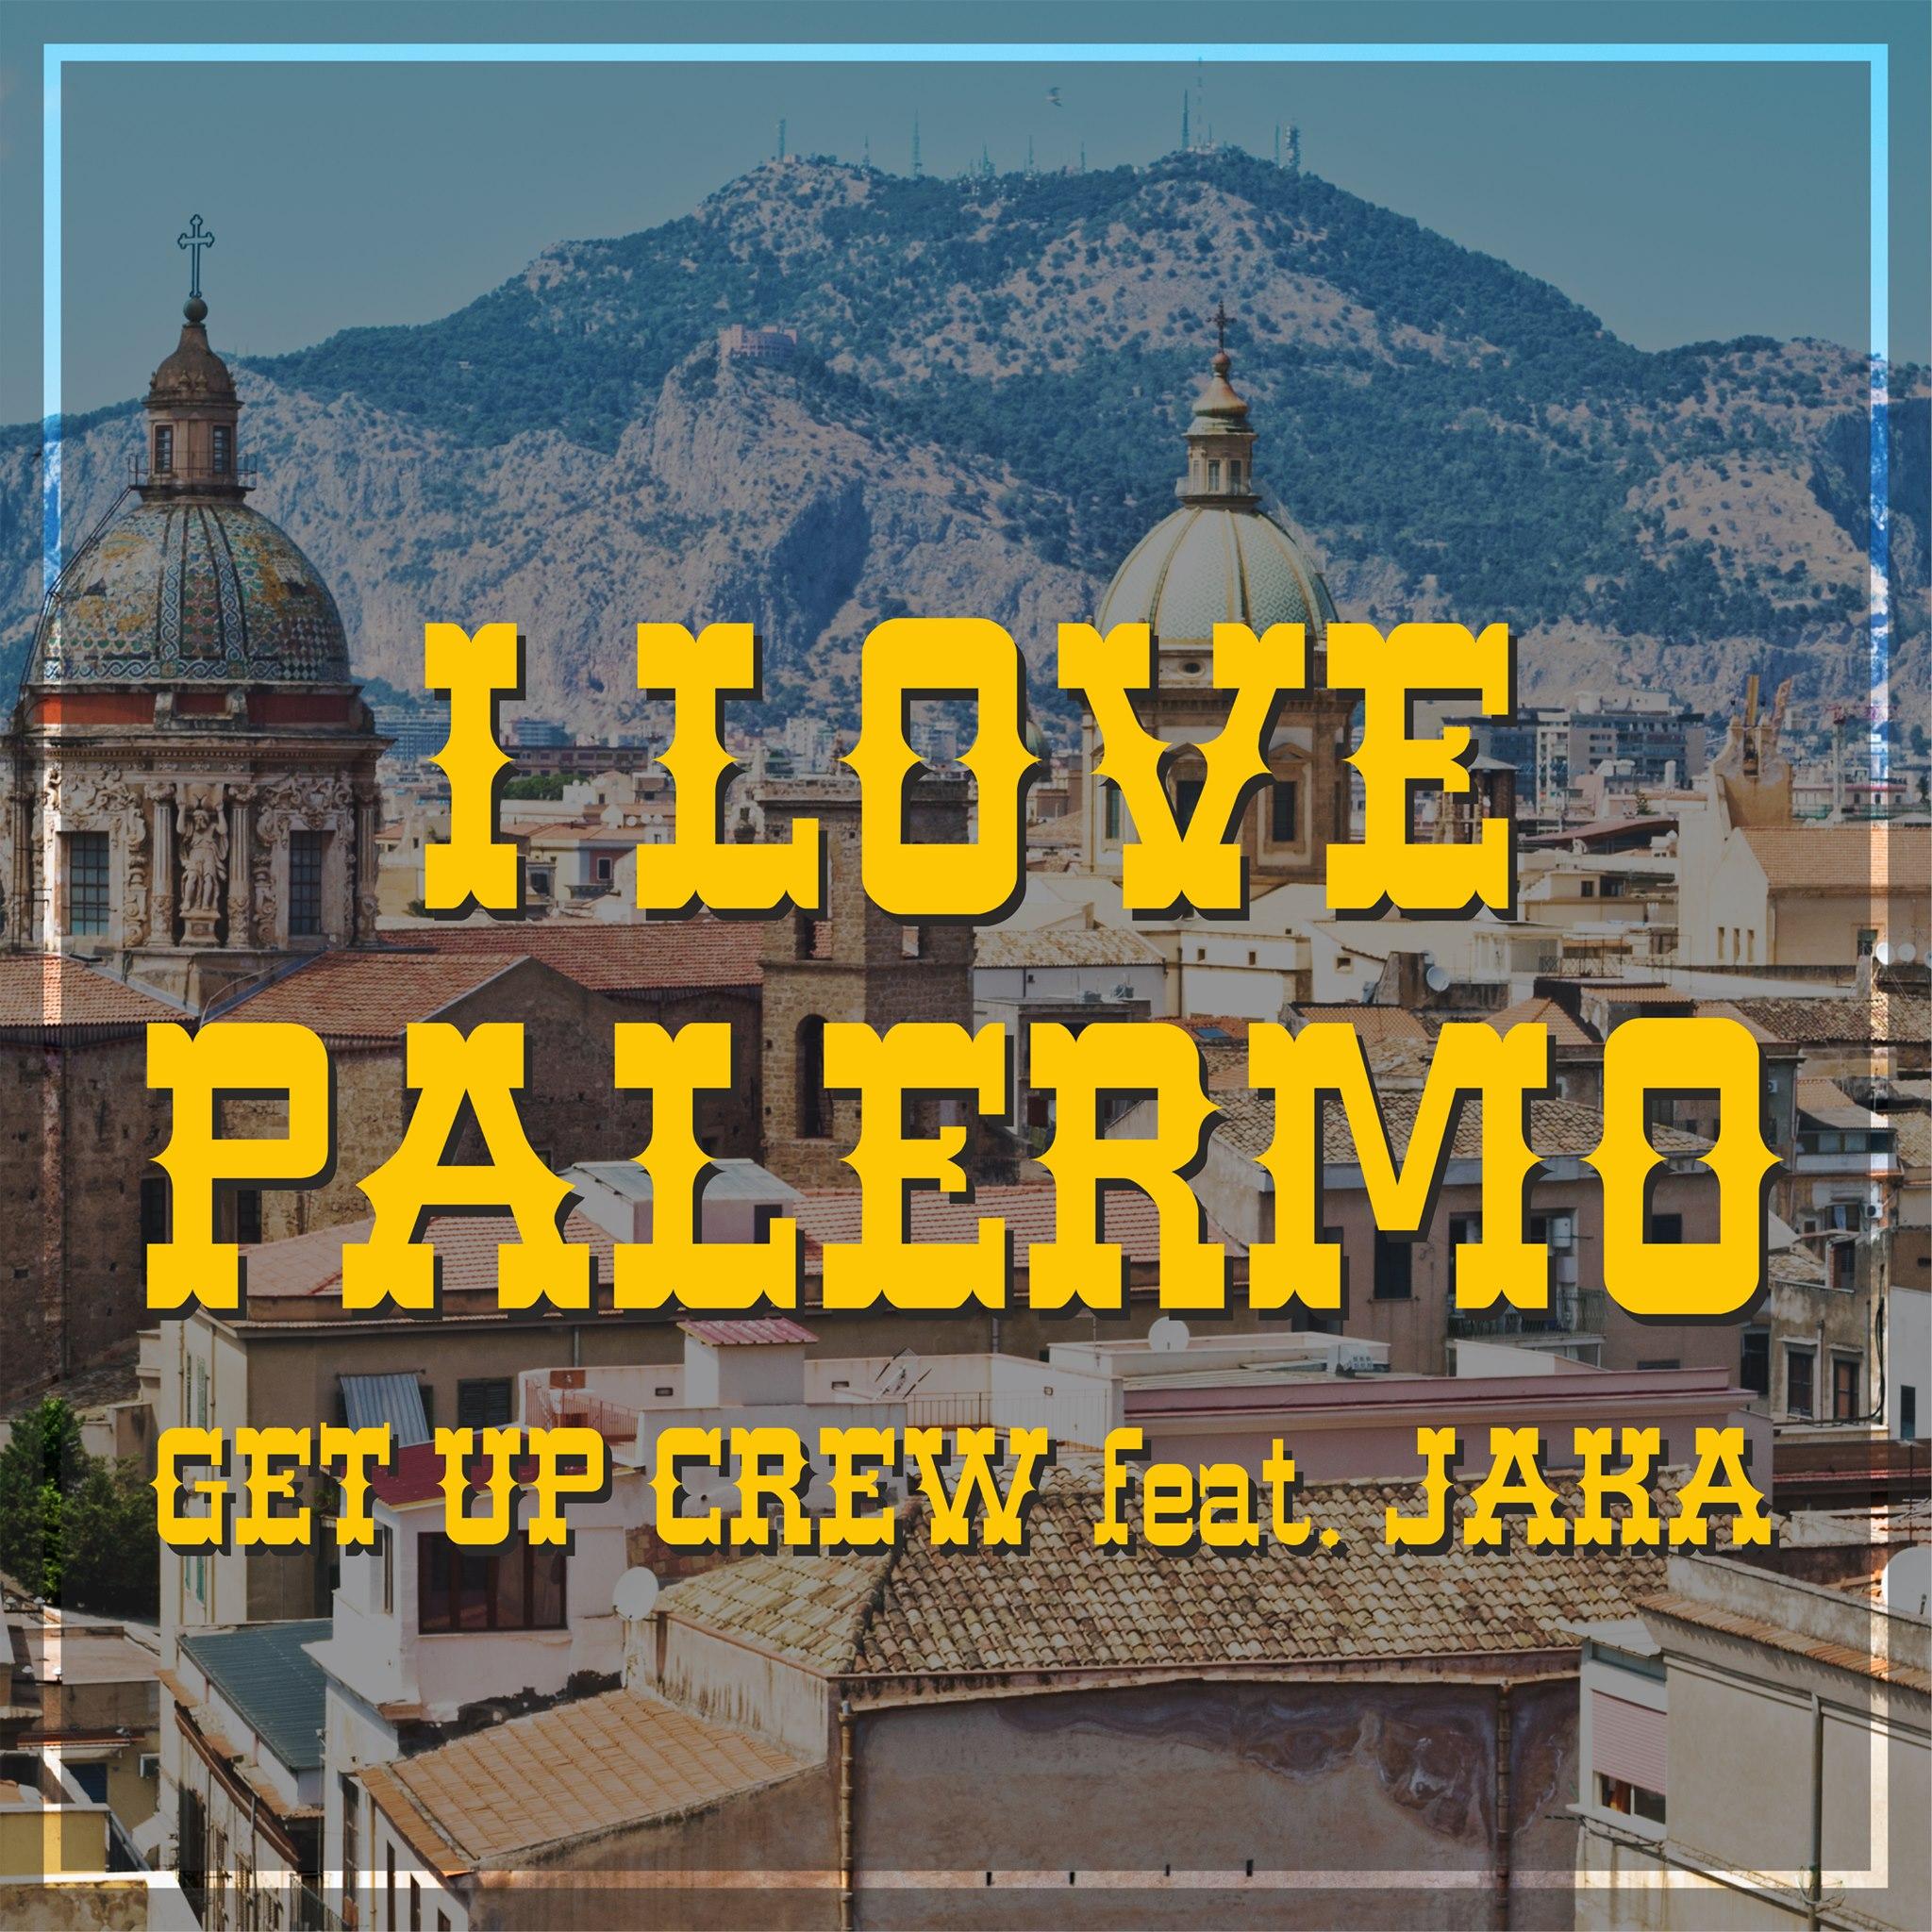 I love Palermo: un grido d'amore che parte dalle periferie e racconta di una Palermo multiculturale e accogliente.